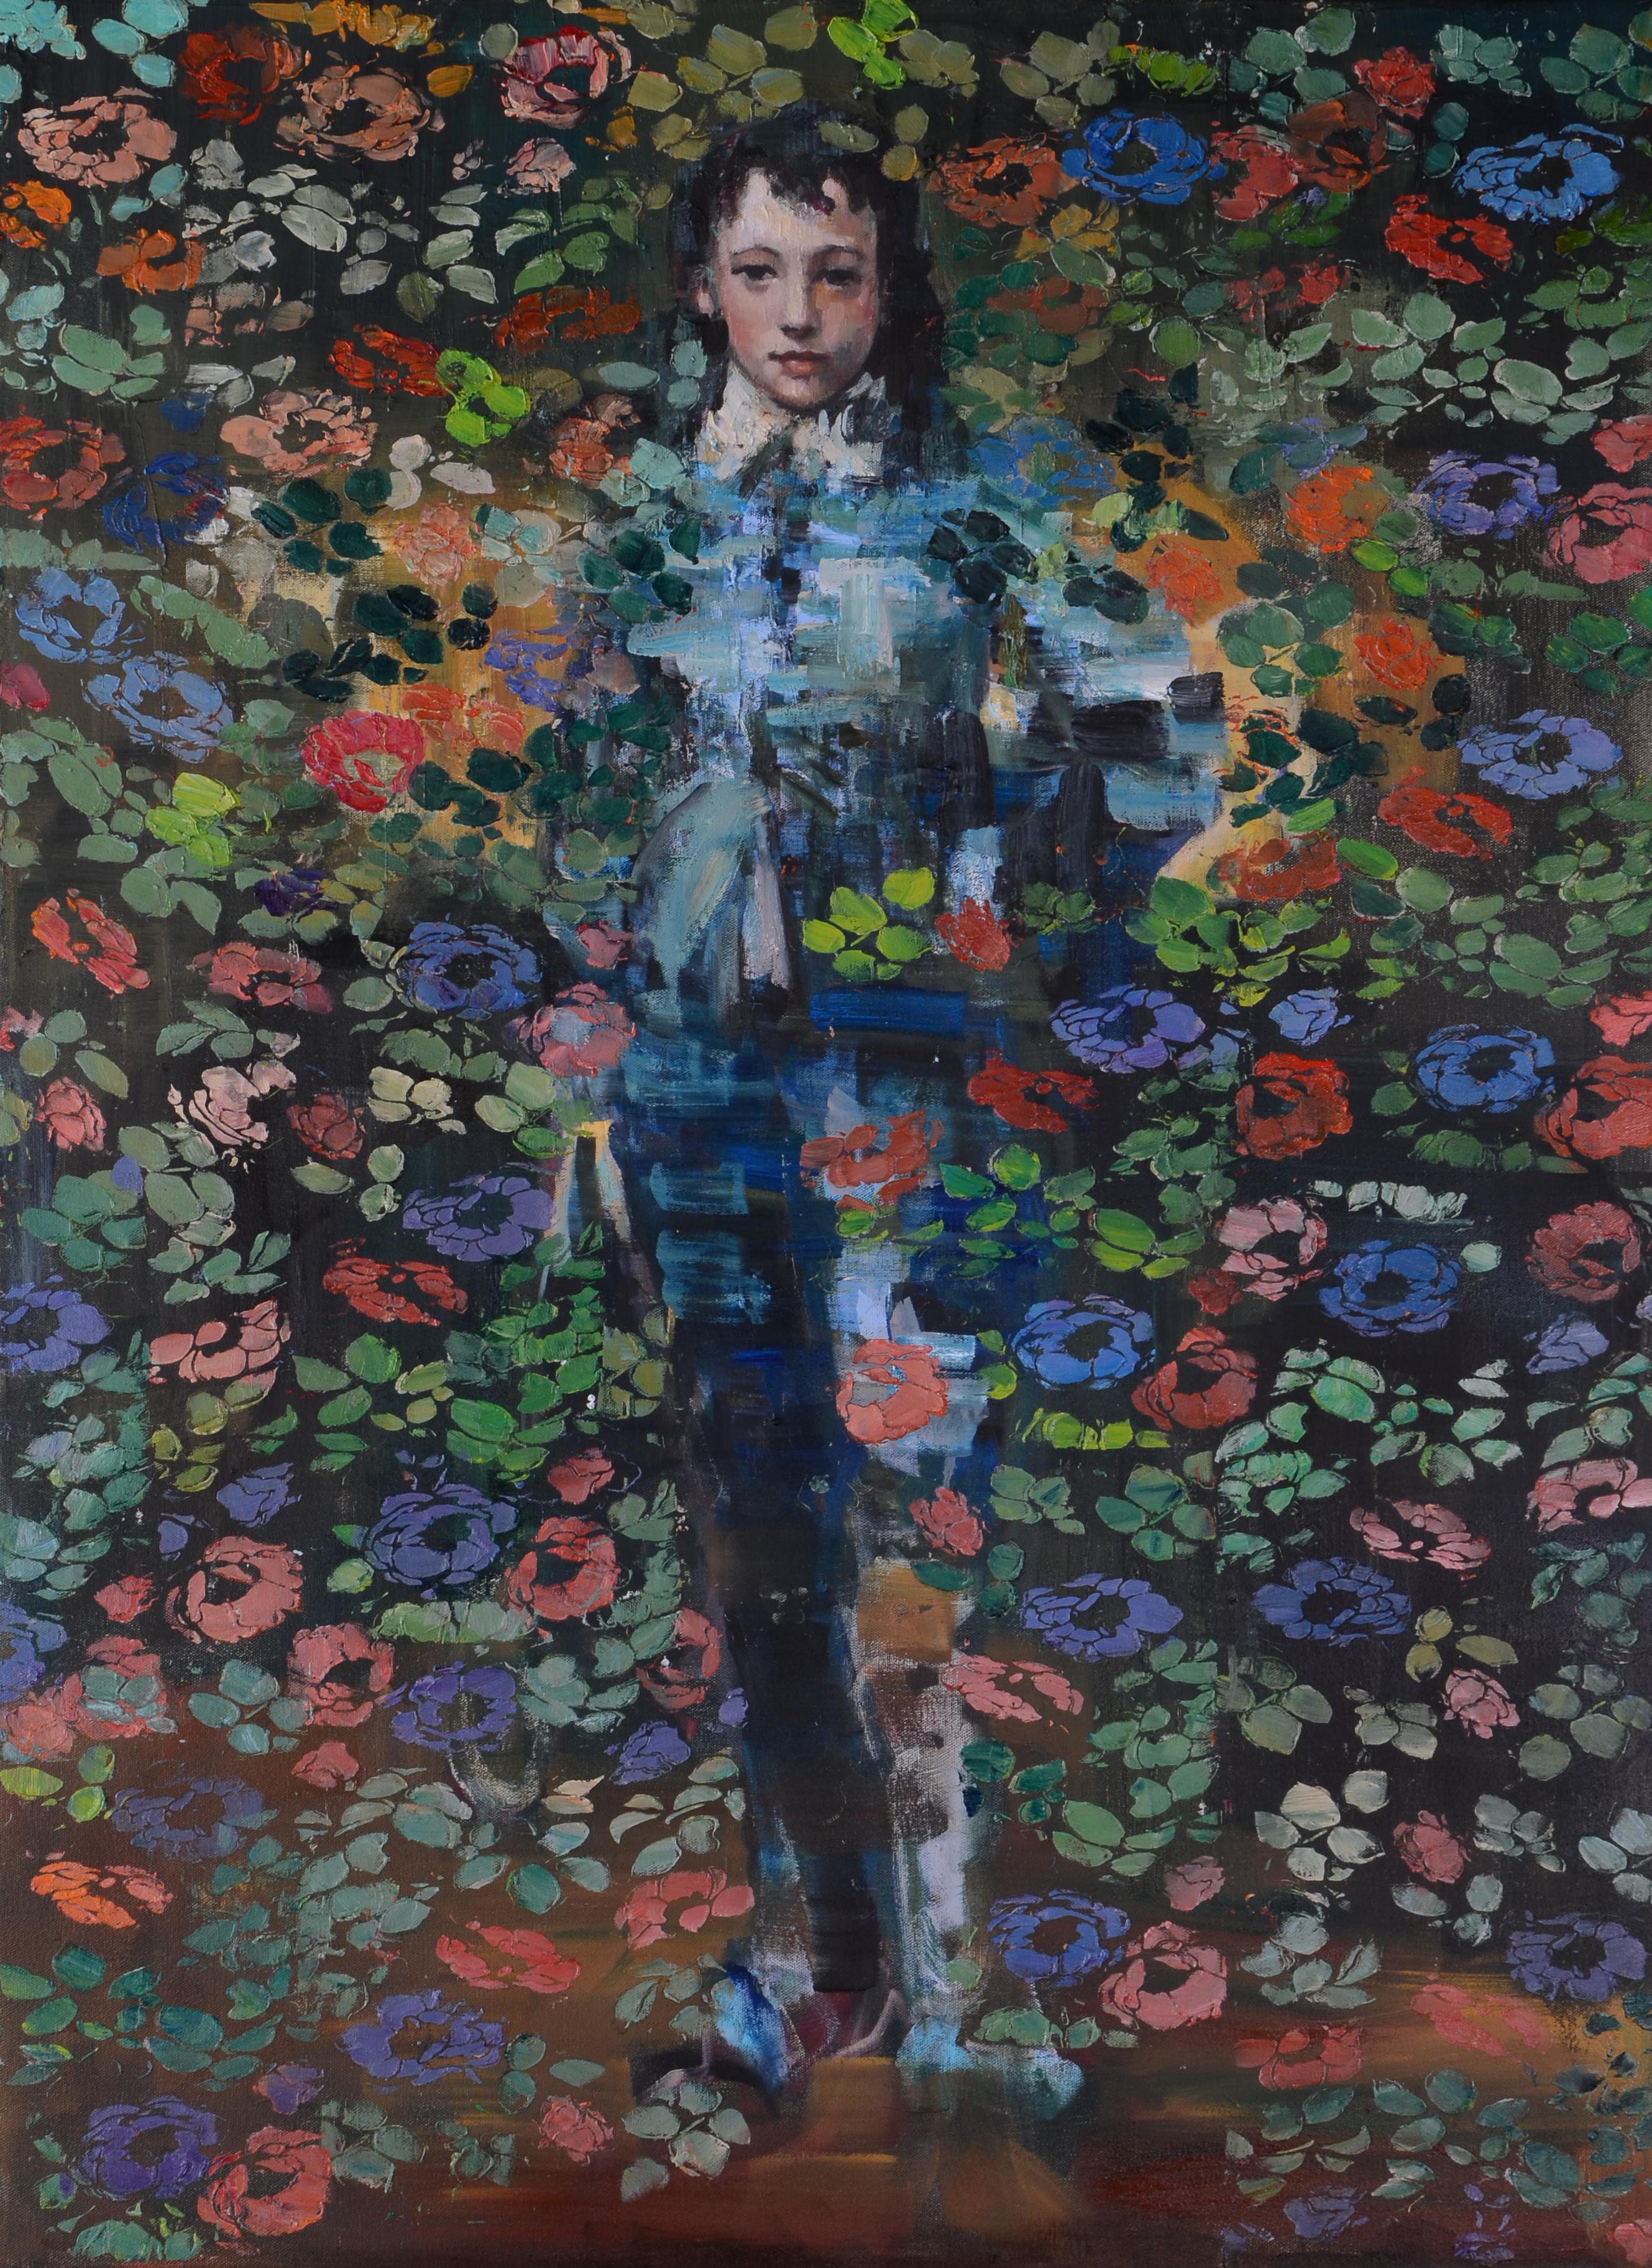 Blue Boy (40x30) oil on canvas 2020